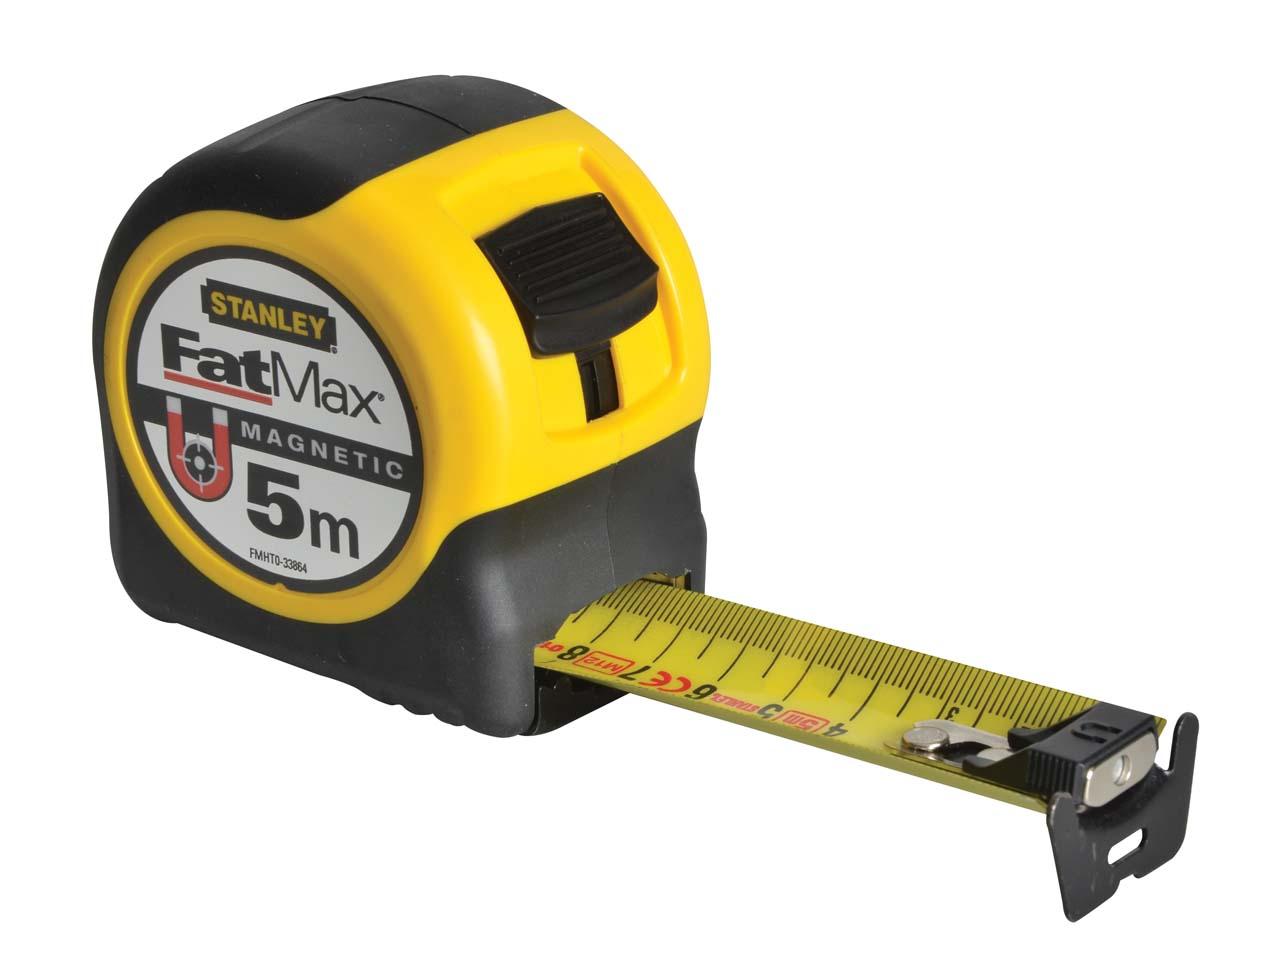 OX P028905 Pro Heavy Duty Tape Measure 5M Metric Only